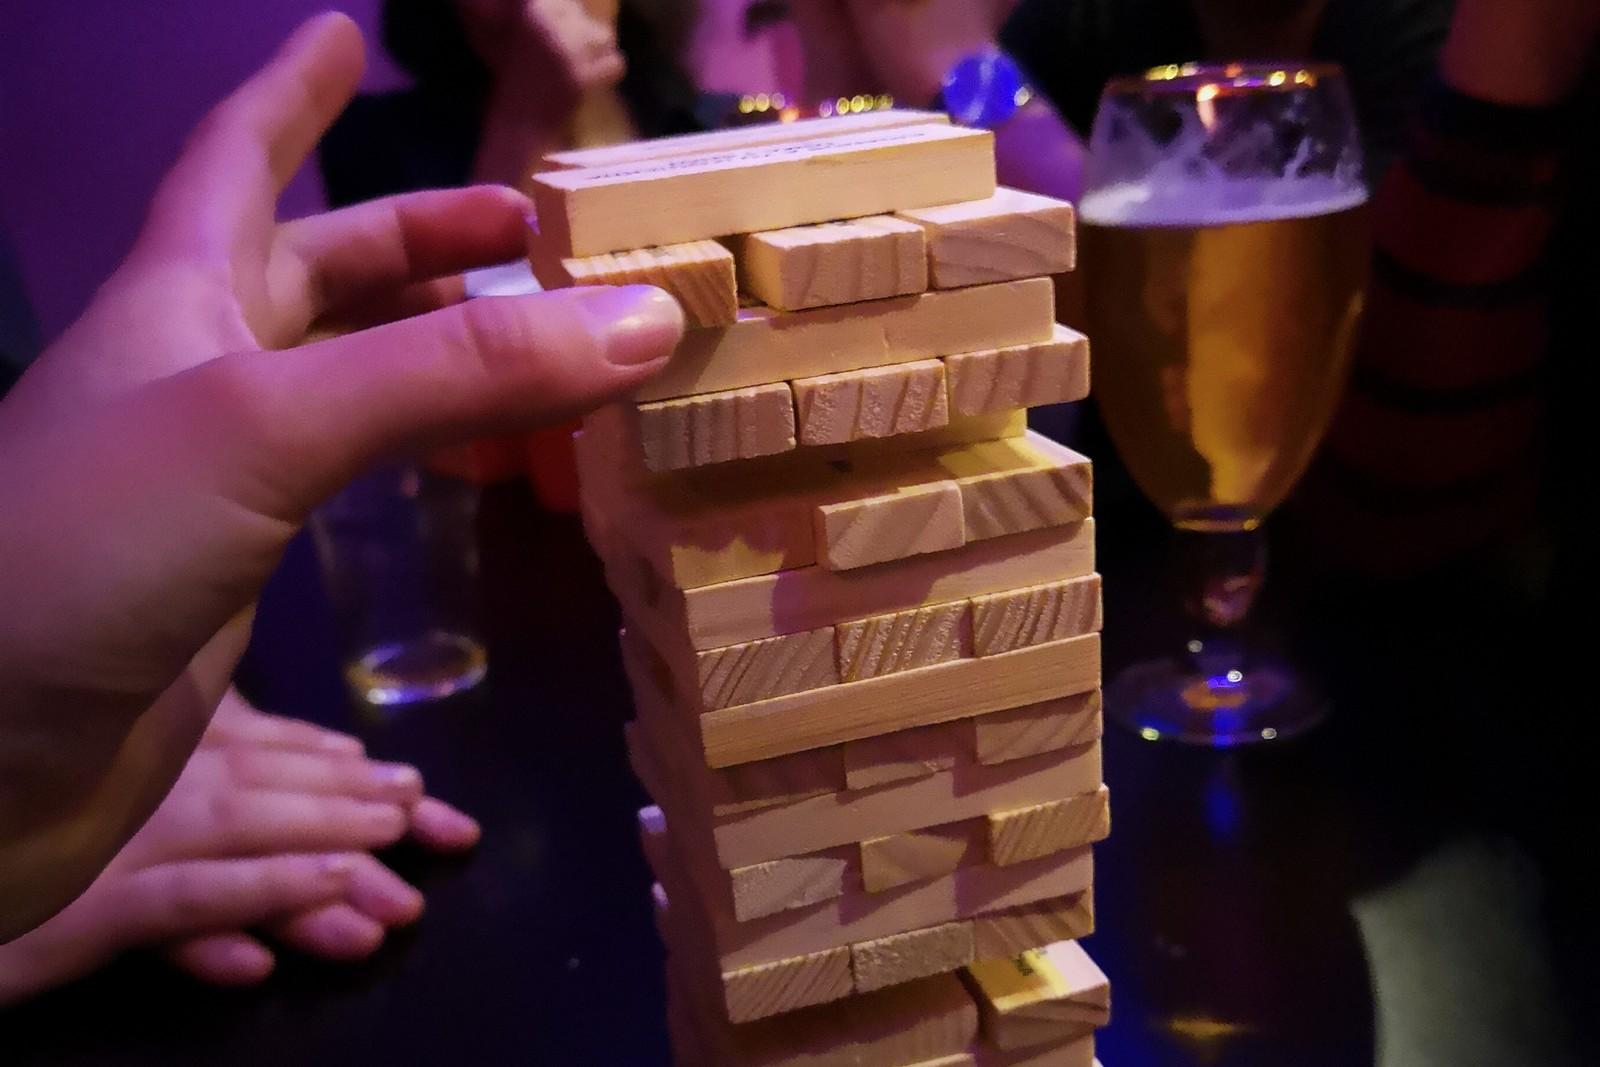 Le Jenga fait partie des jeux proposés durant la soirée. ©Pub Crawl Marseille